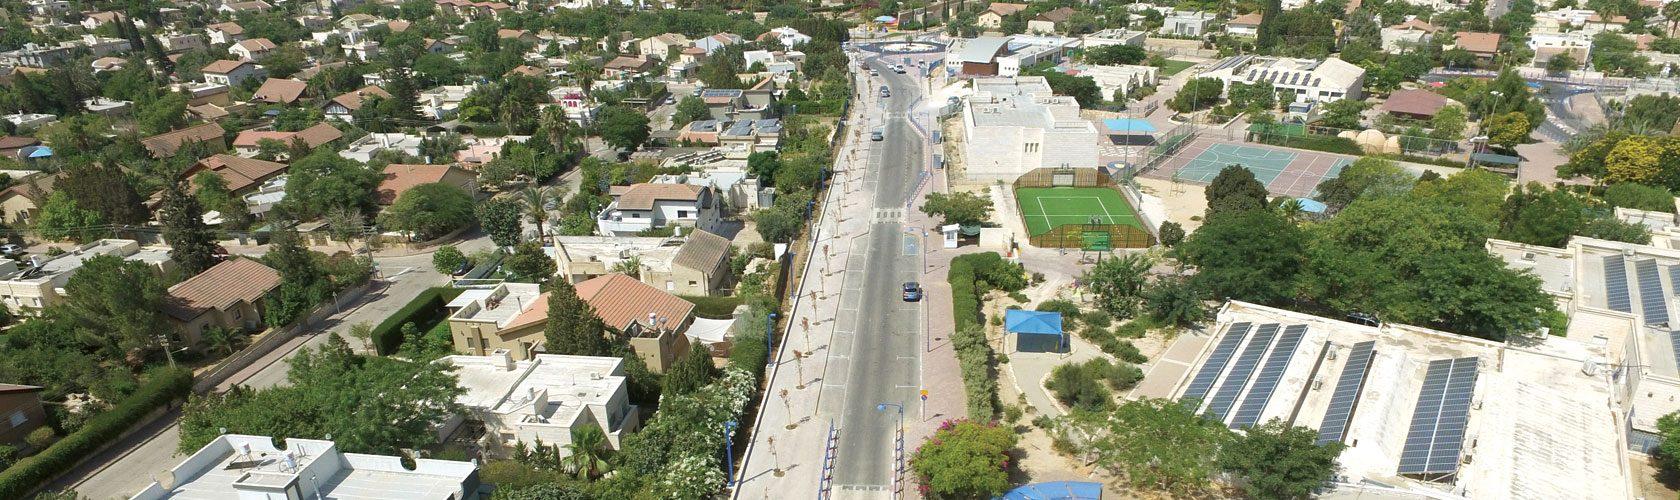 פרוייקט שיקום רחובות במיתר